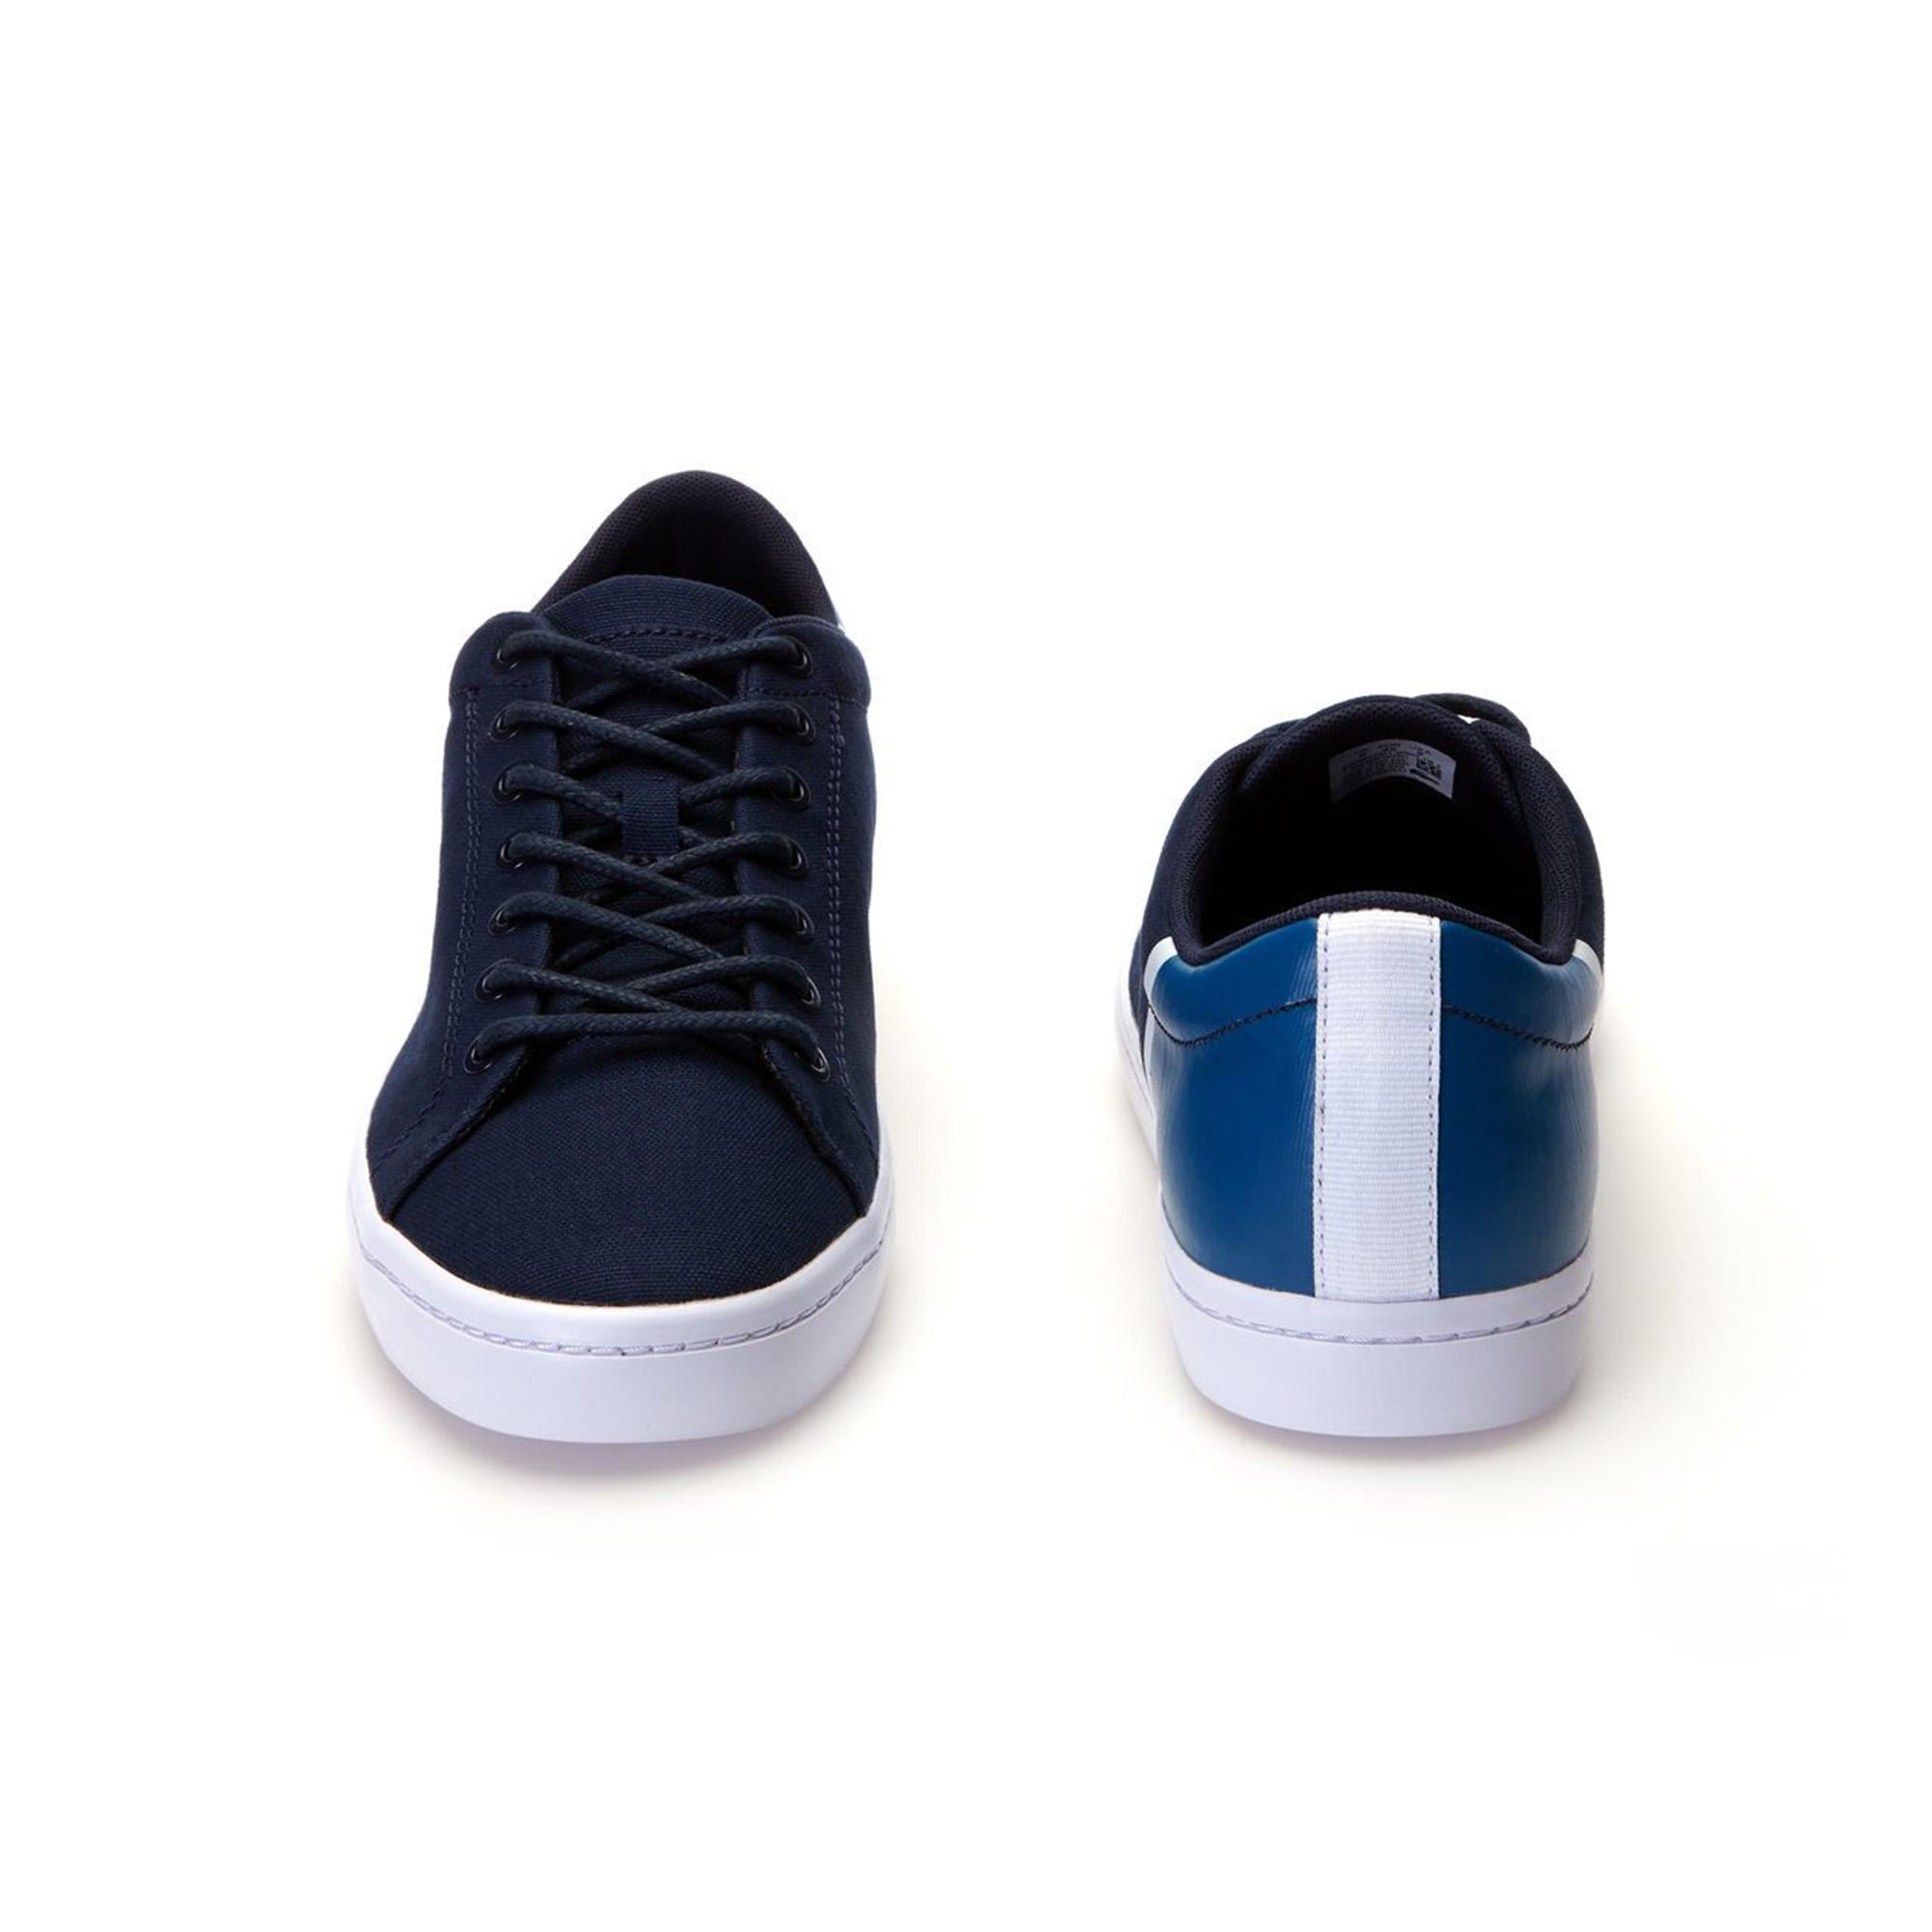 Фото 5 - STRAIGHTSET SPORT 118 2 от Lacoste темно-синего цвета